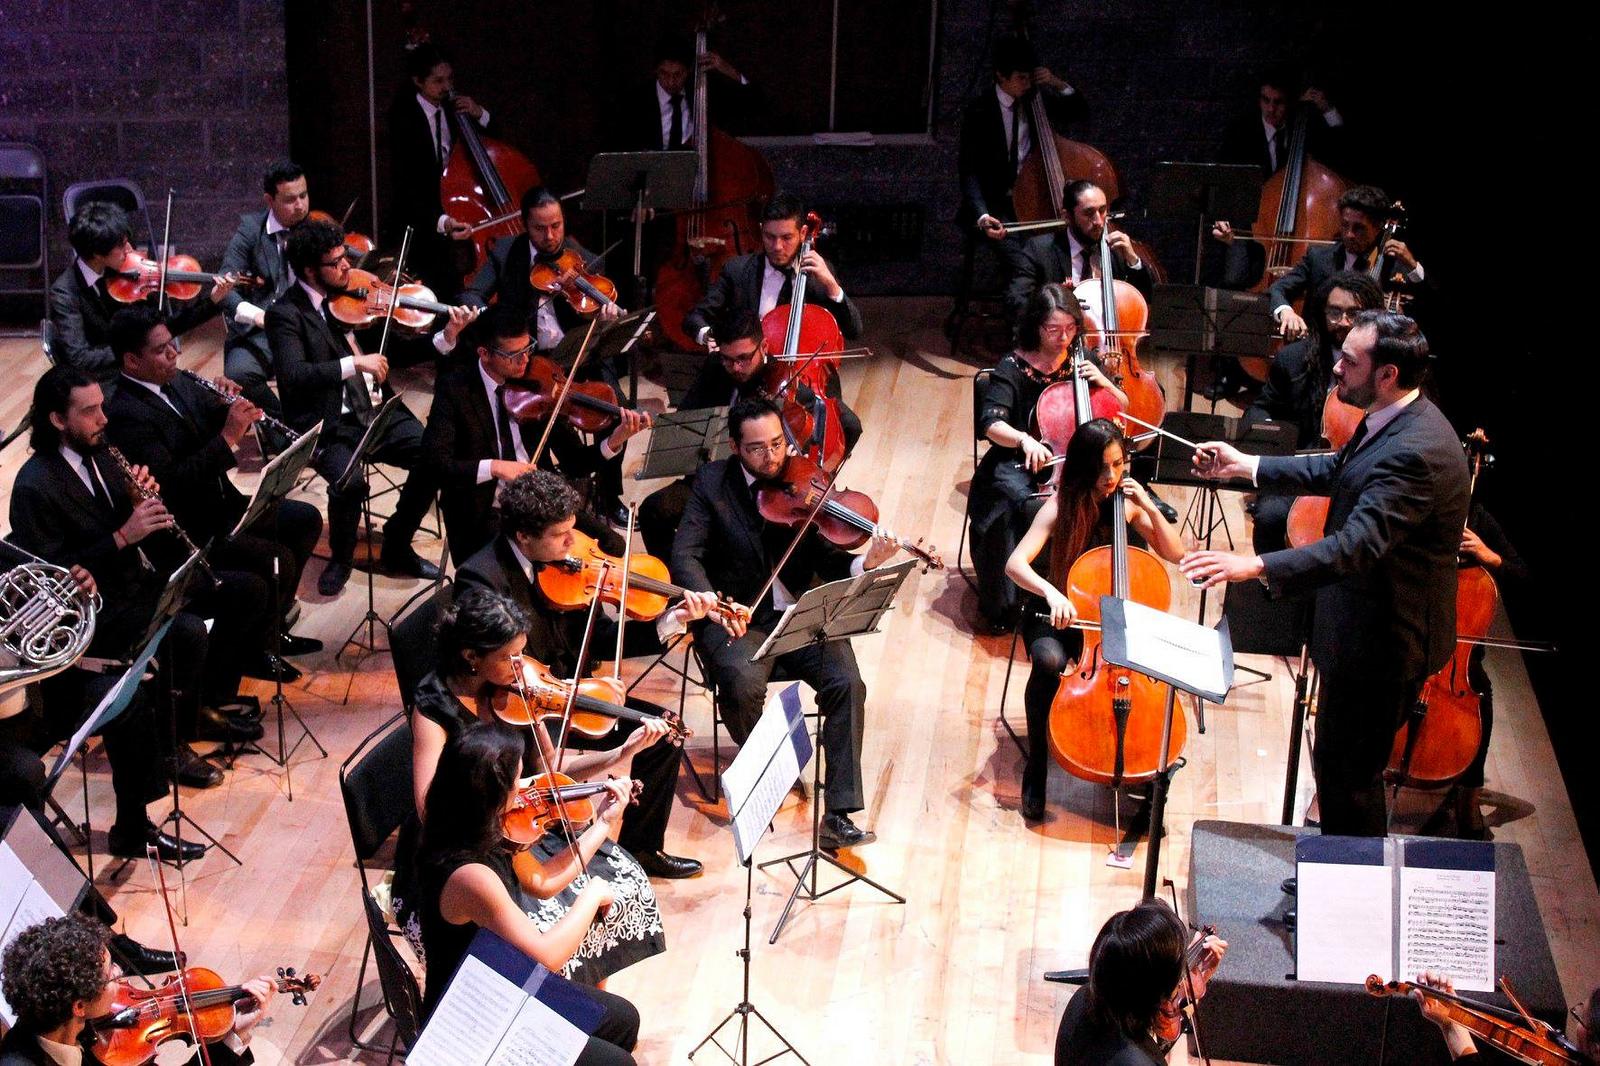 Segundo aniversario del Centro Cultural Constitución con recital de la Orquesta Sinfónica de Zapopan / 26 de septiembre, 20:00 hrs